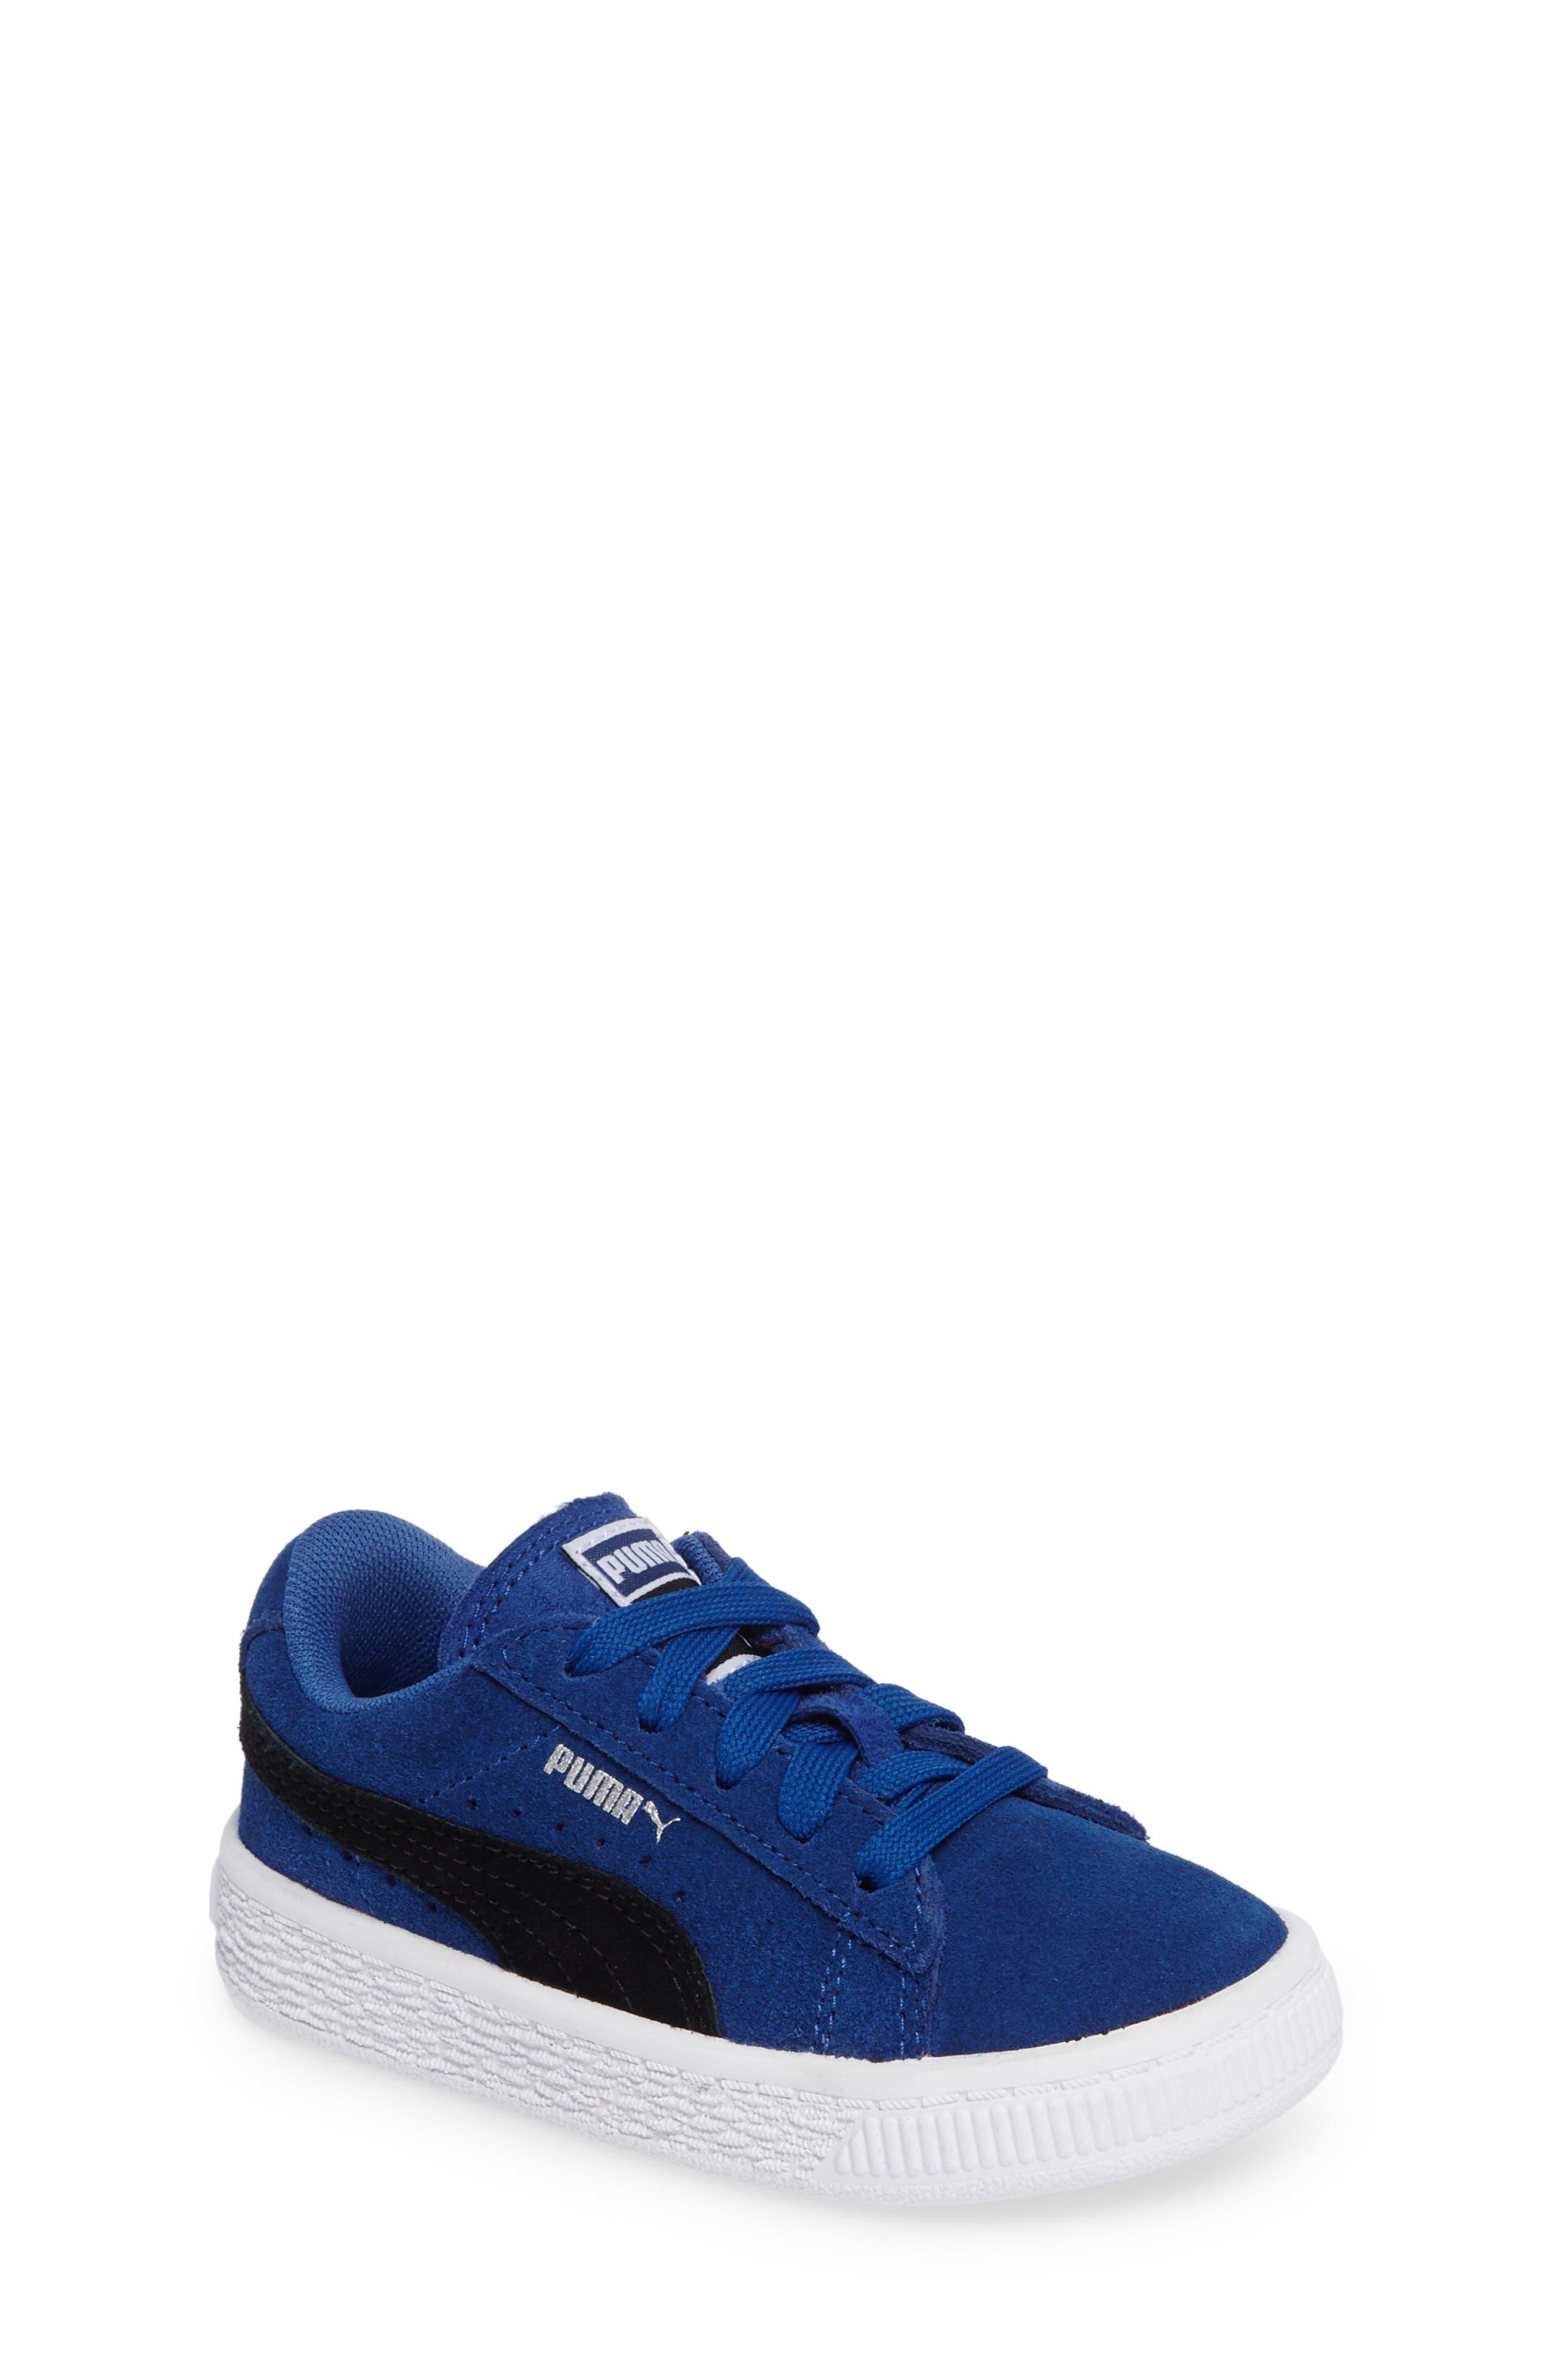 'Suede'Sneaker,                             Main thumbnail 1, color,                             Blue/ Black